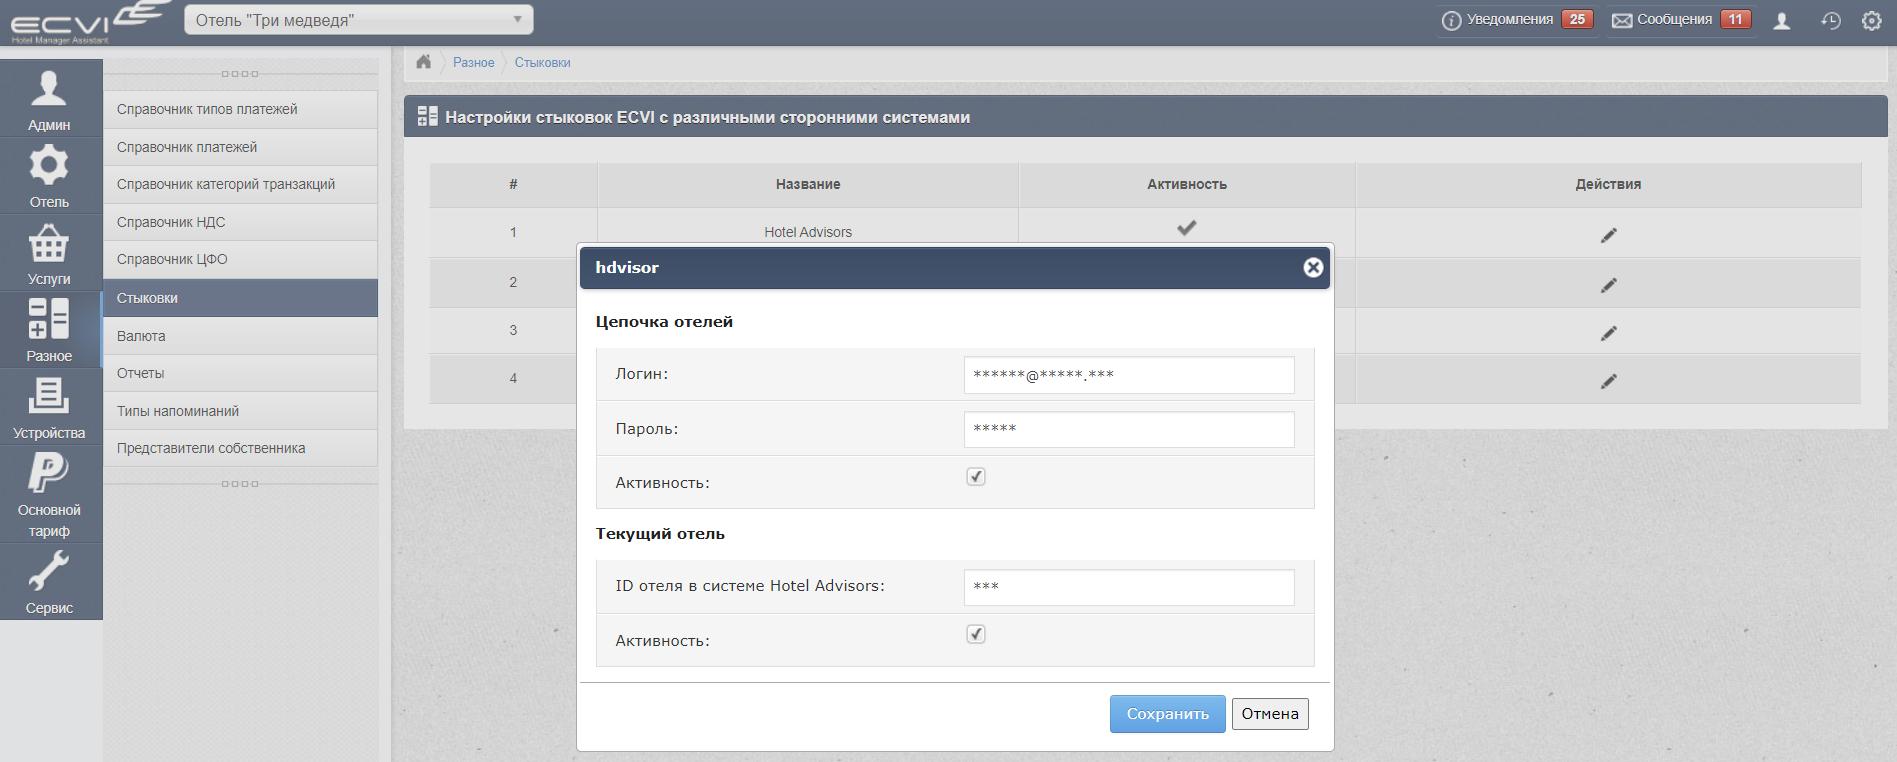 HMA Ecvi: интеграция с системой аналитики Hoteladvisors